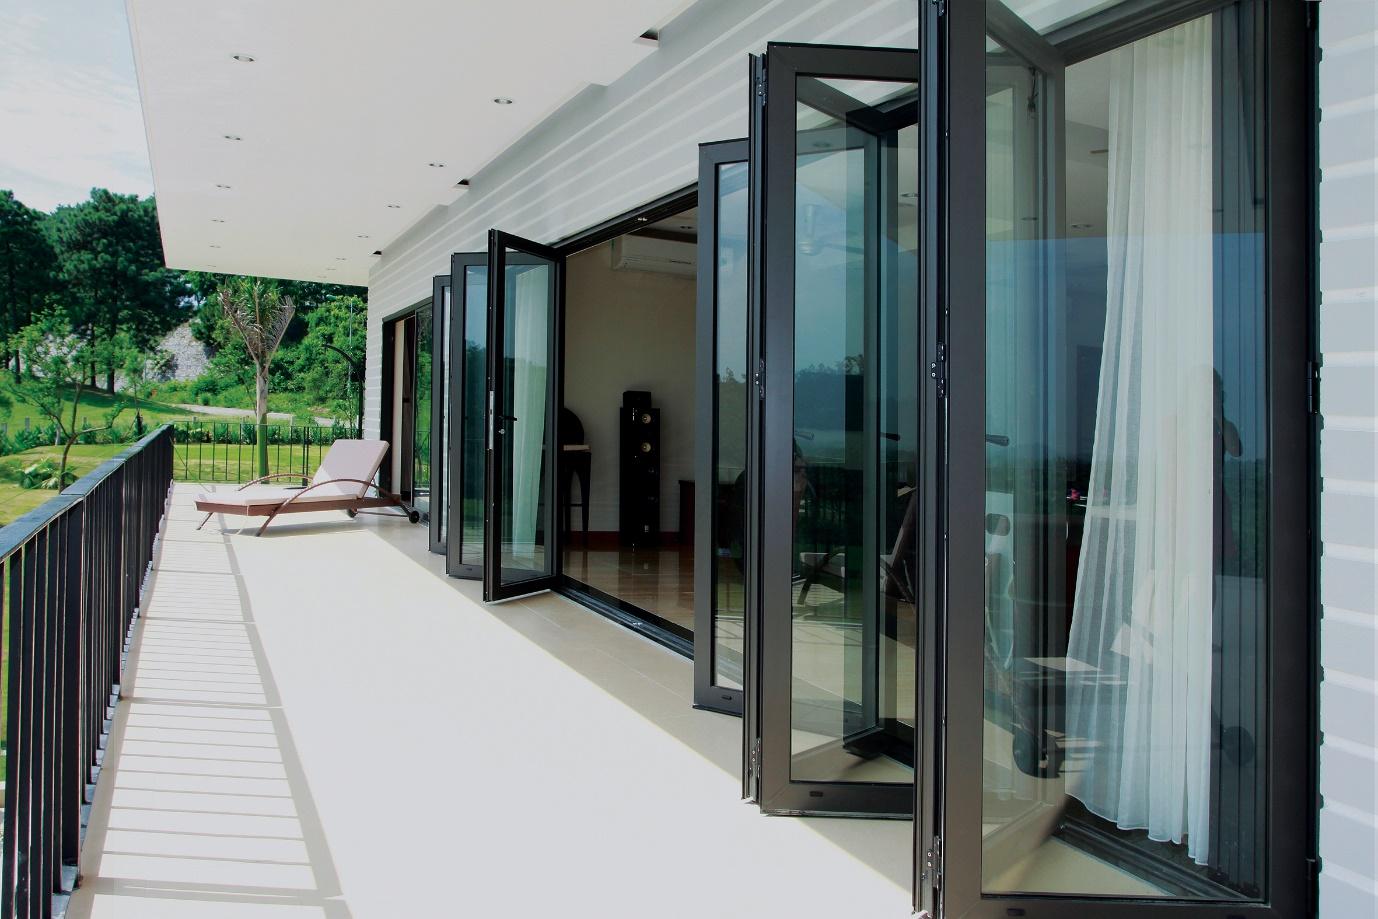 Vì sao cửa và vách nhôm kính lớn Eurowindow được ứng dụng  rộng rãi trong các kiến trúc hiện đại?  - Ảnh 1